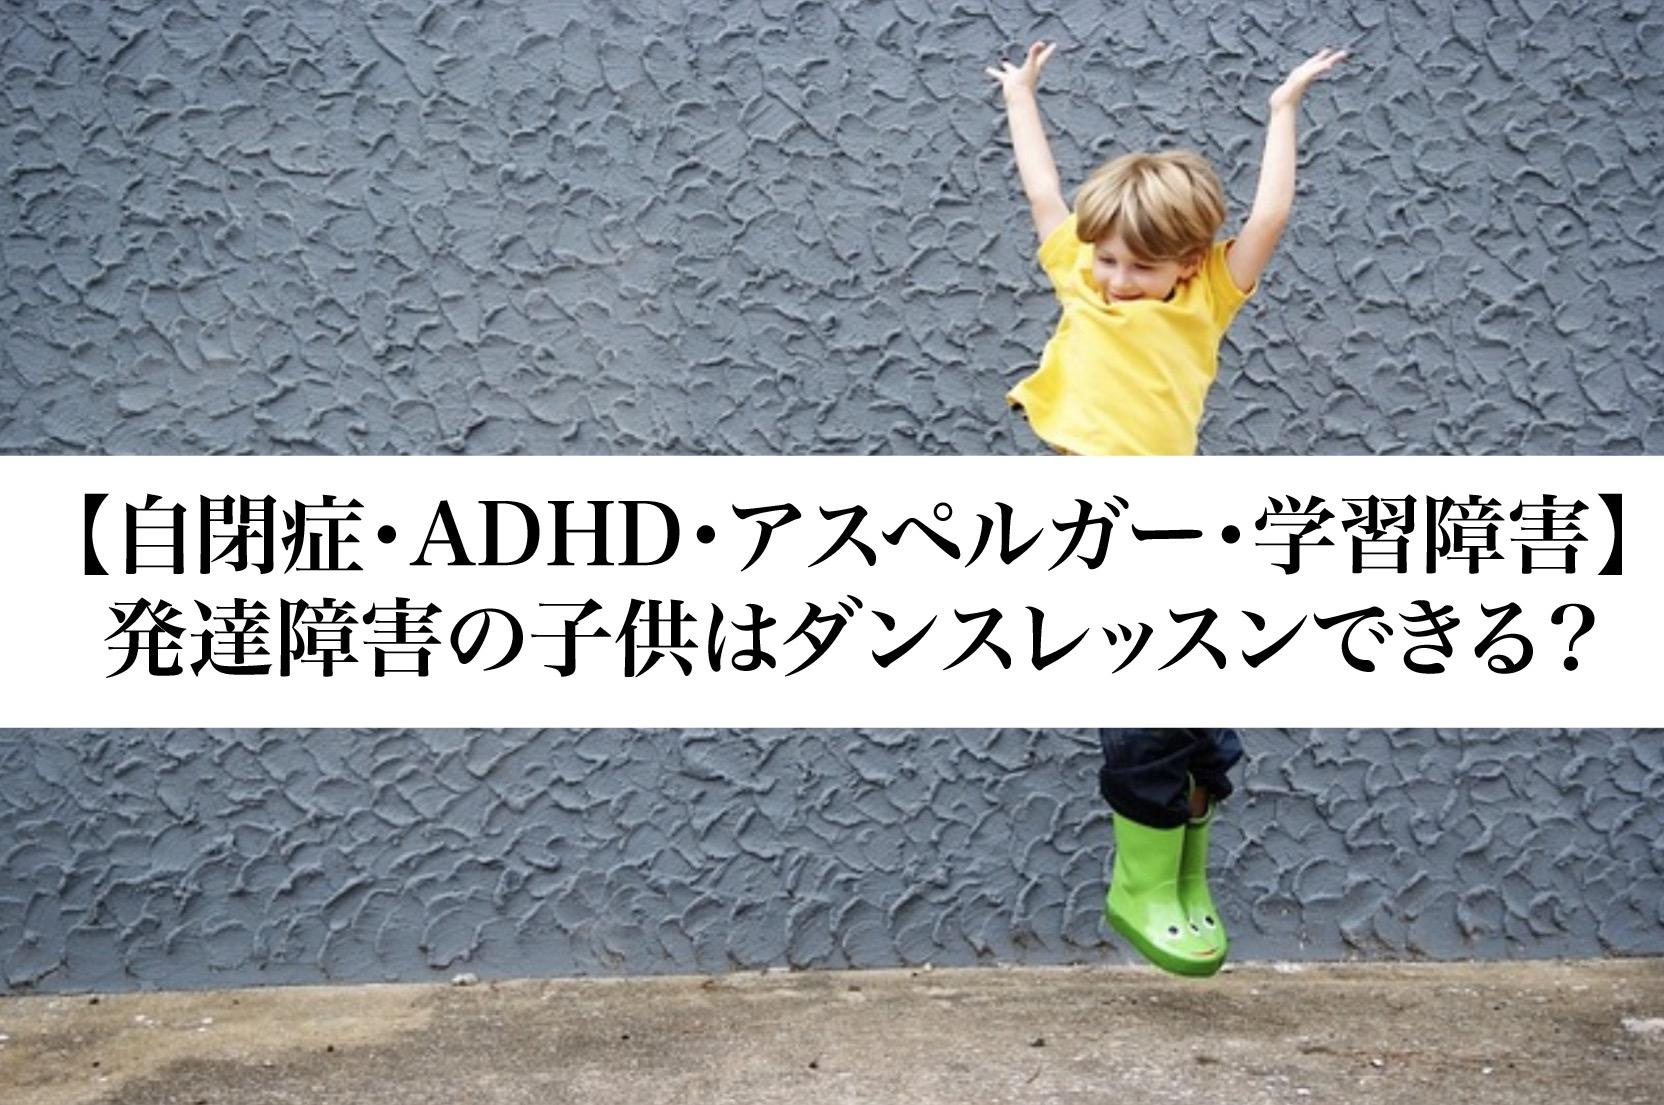 閉 子供 自 症